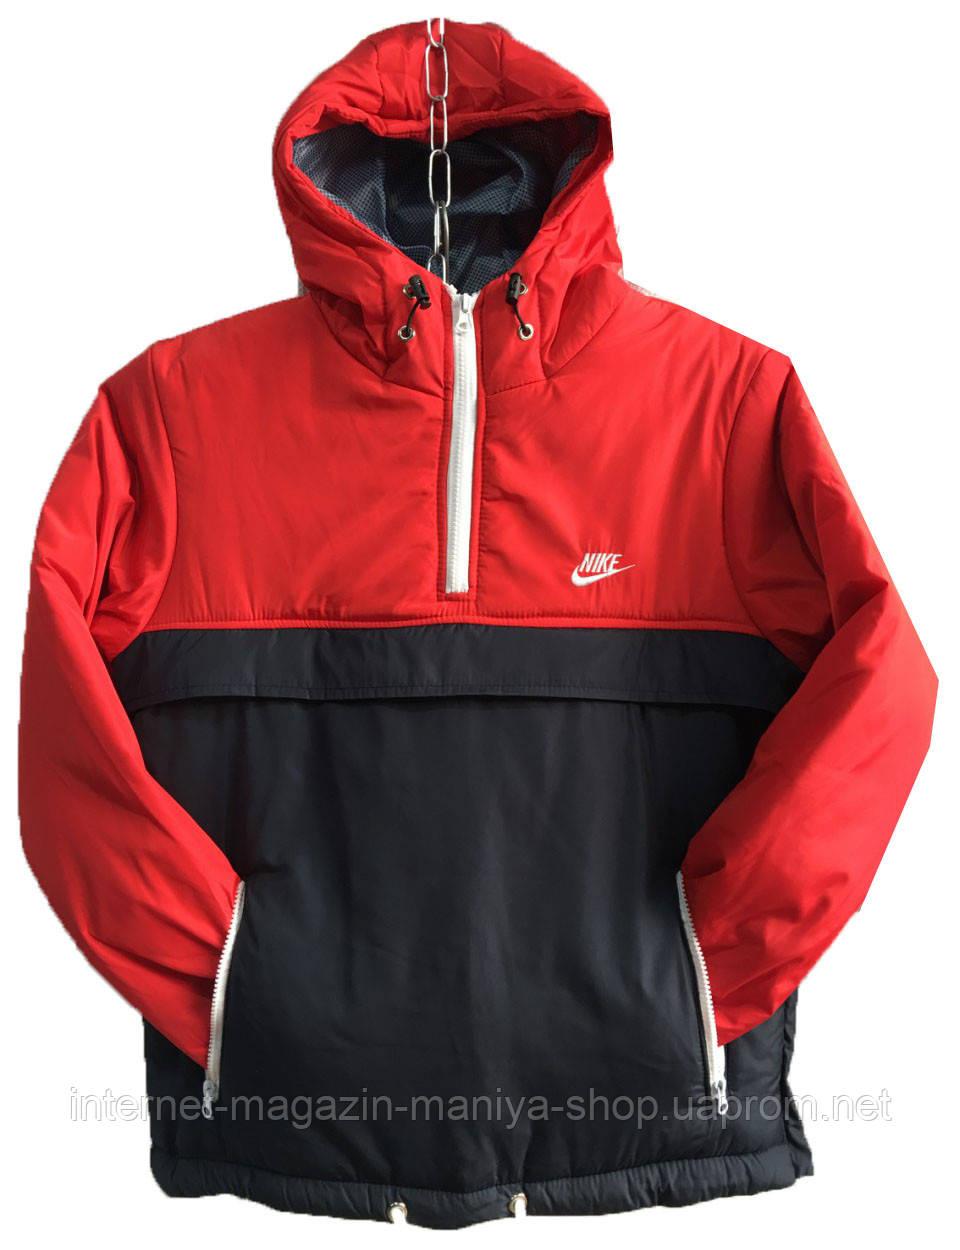 068447a9 Куртка мужская с капюшоном Nike (деми) - купить по лучшей цене в ...